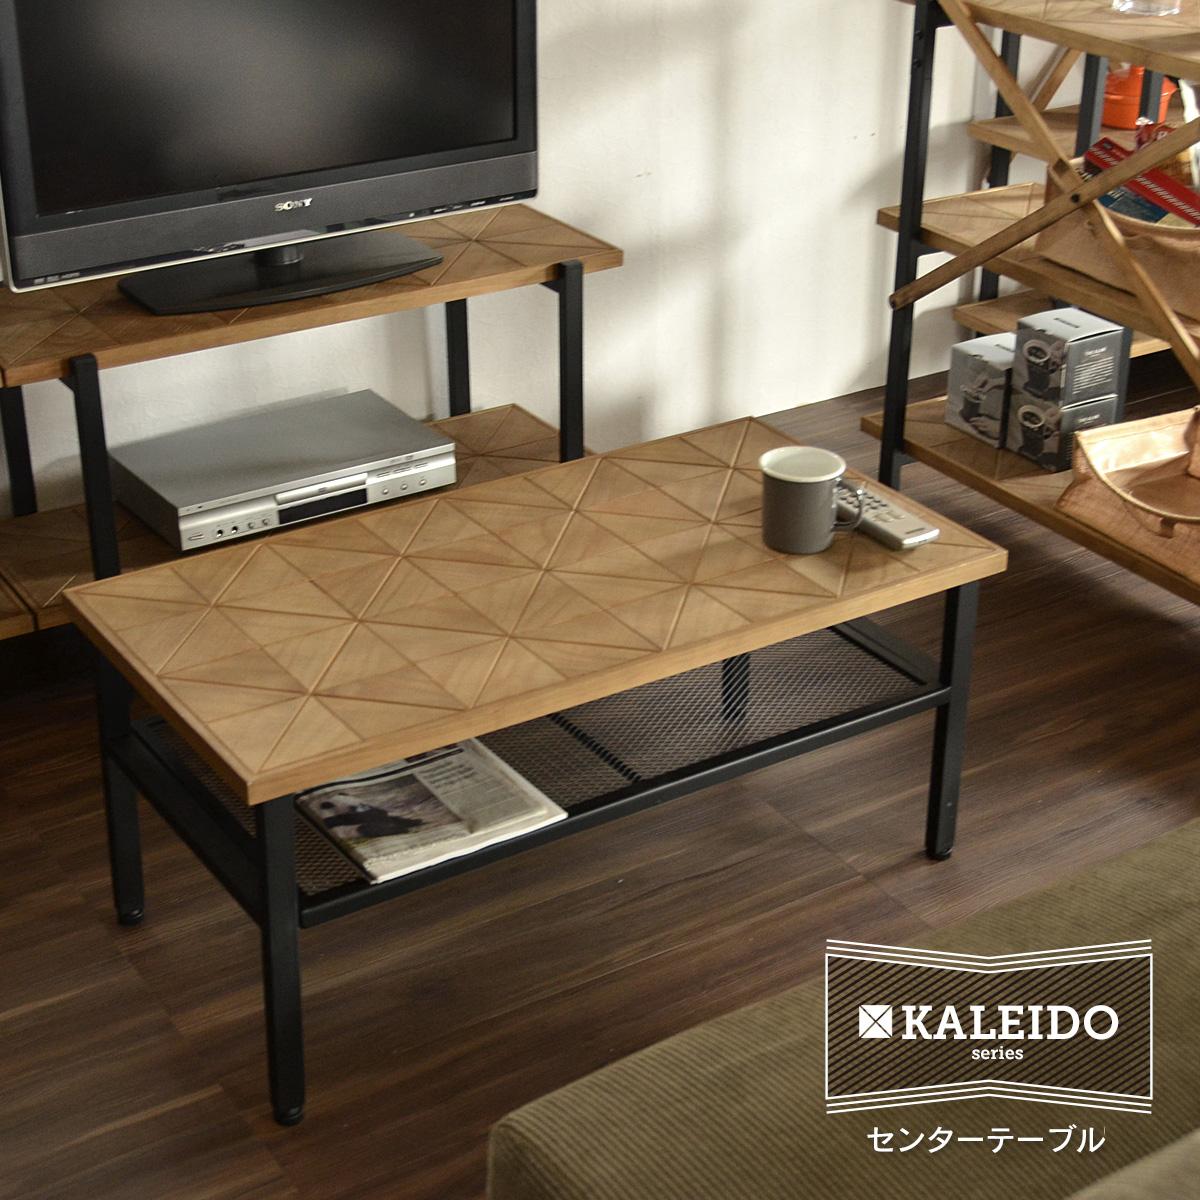 KALEIDO カレイド センターテーブル 幅90 KACT-90 古材風 無骨 アイアン